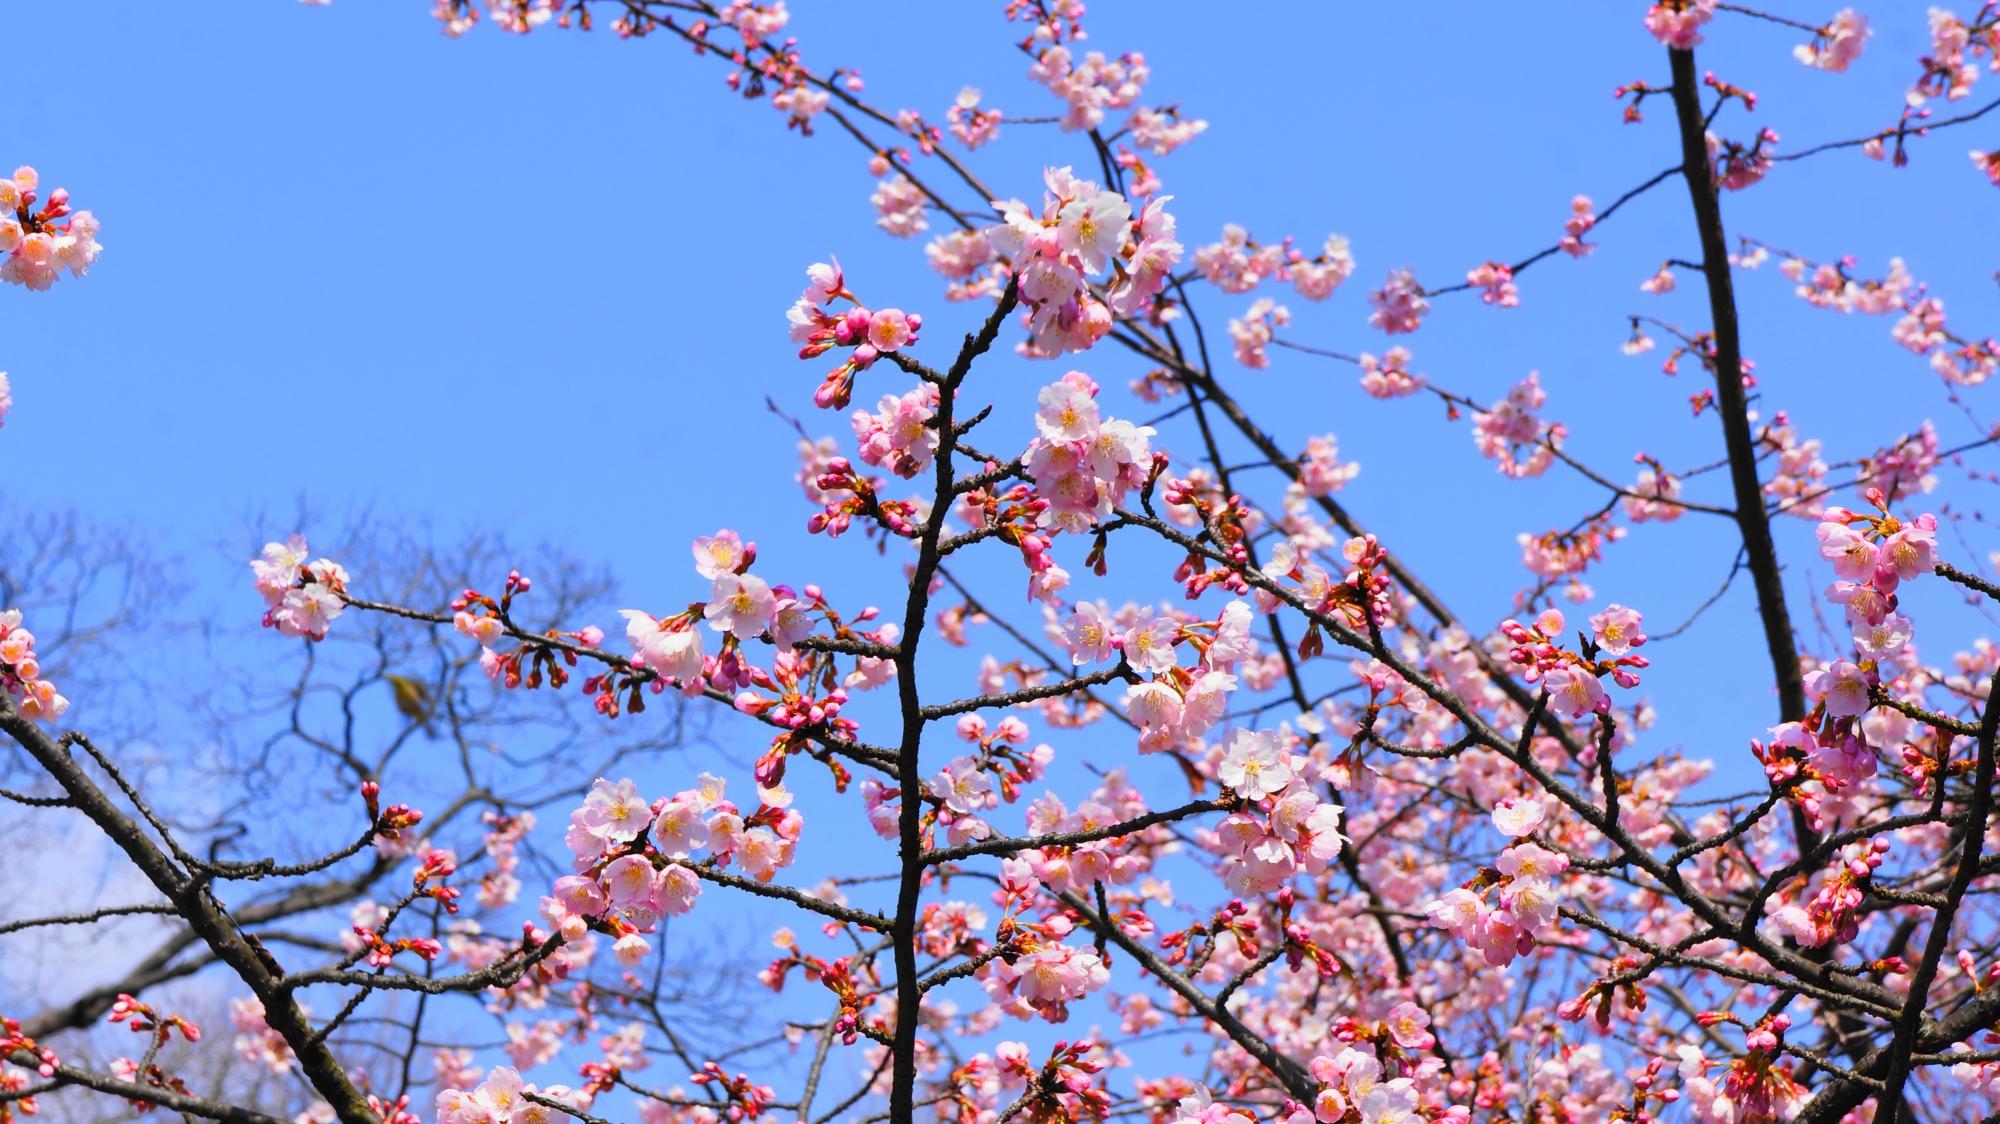 青空に映える美しいピンクの桜の花